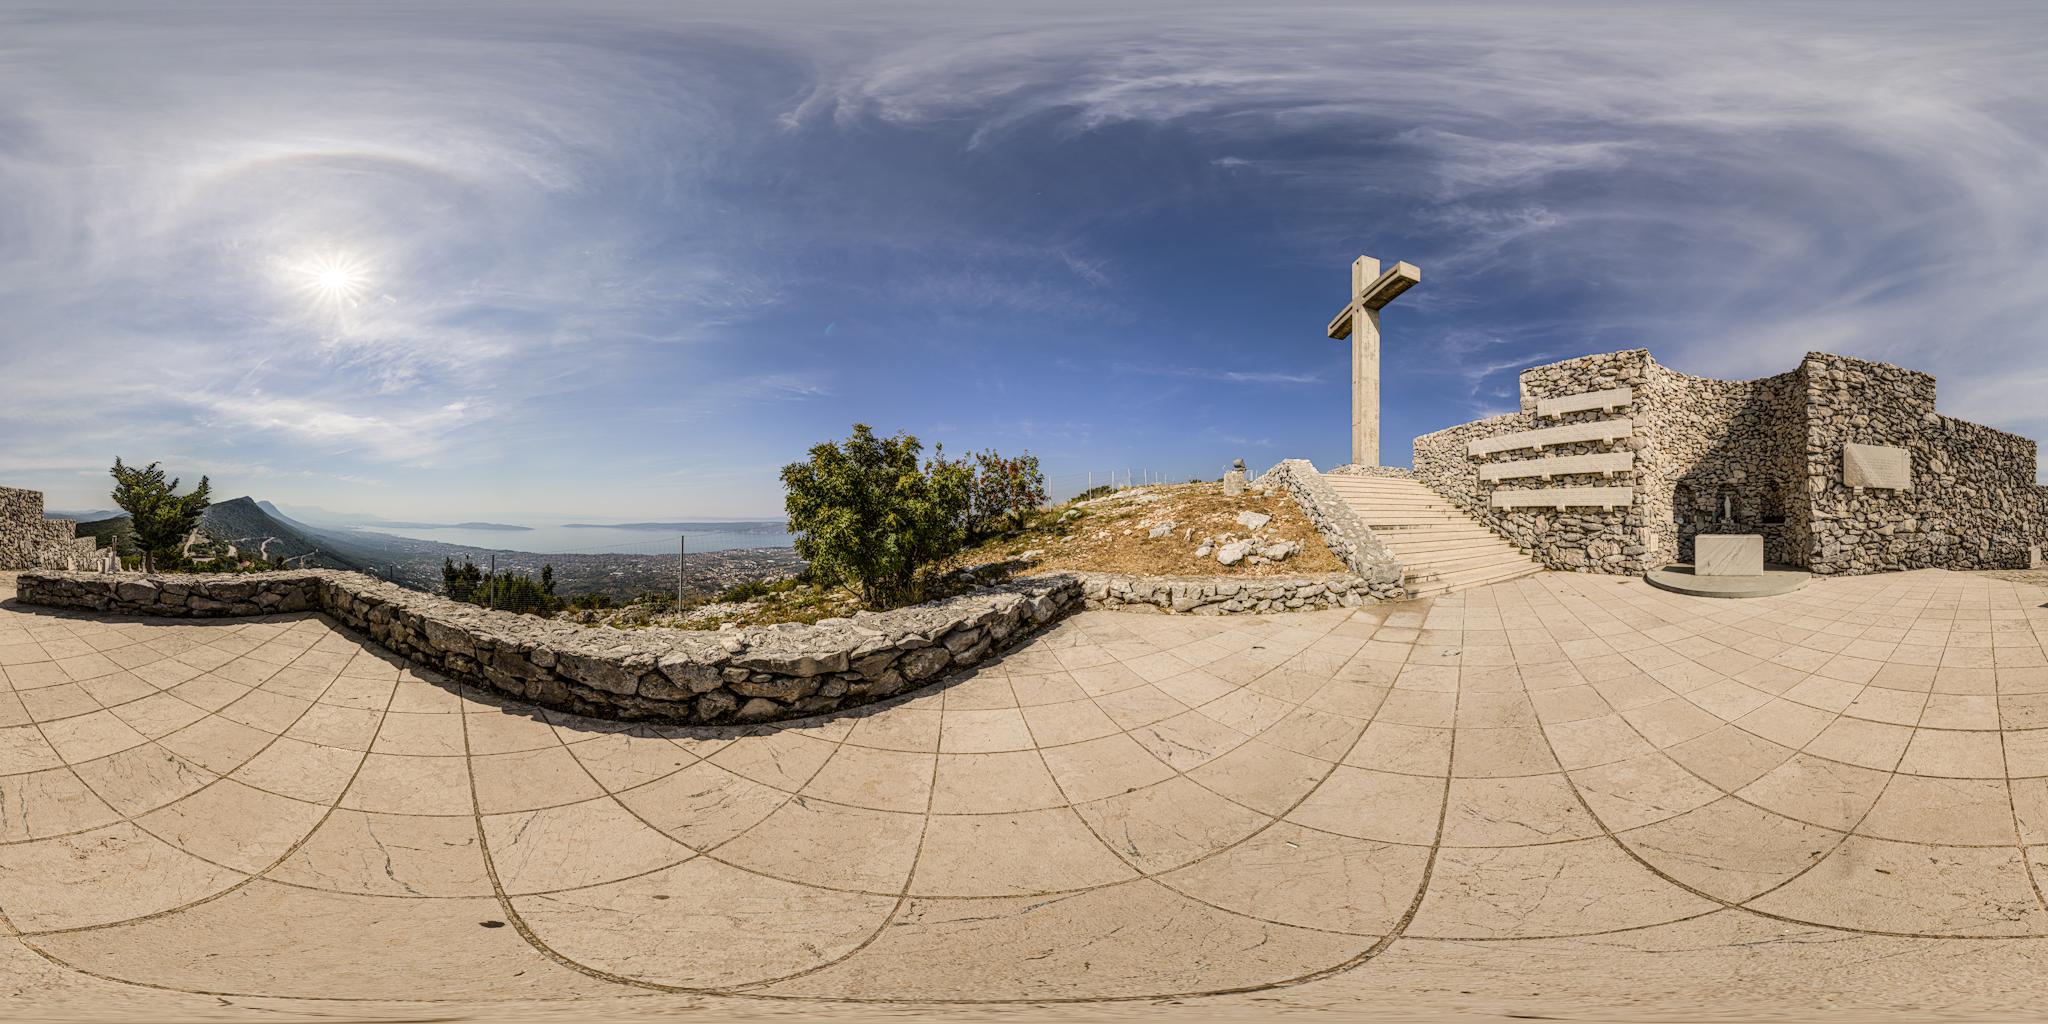 HDRI-Skies-Homeland-War-Memorial-Park-Malačka